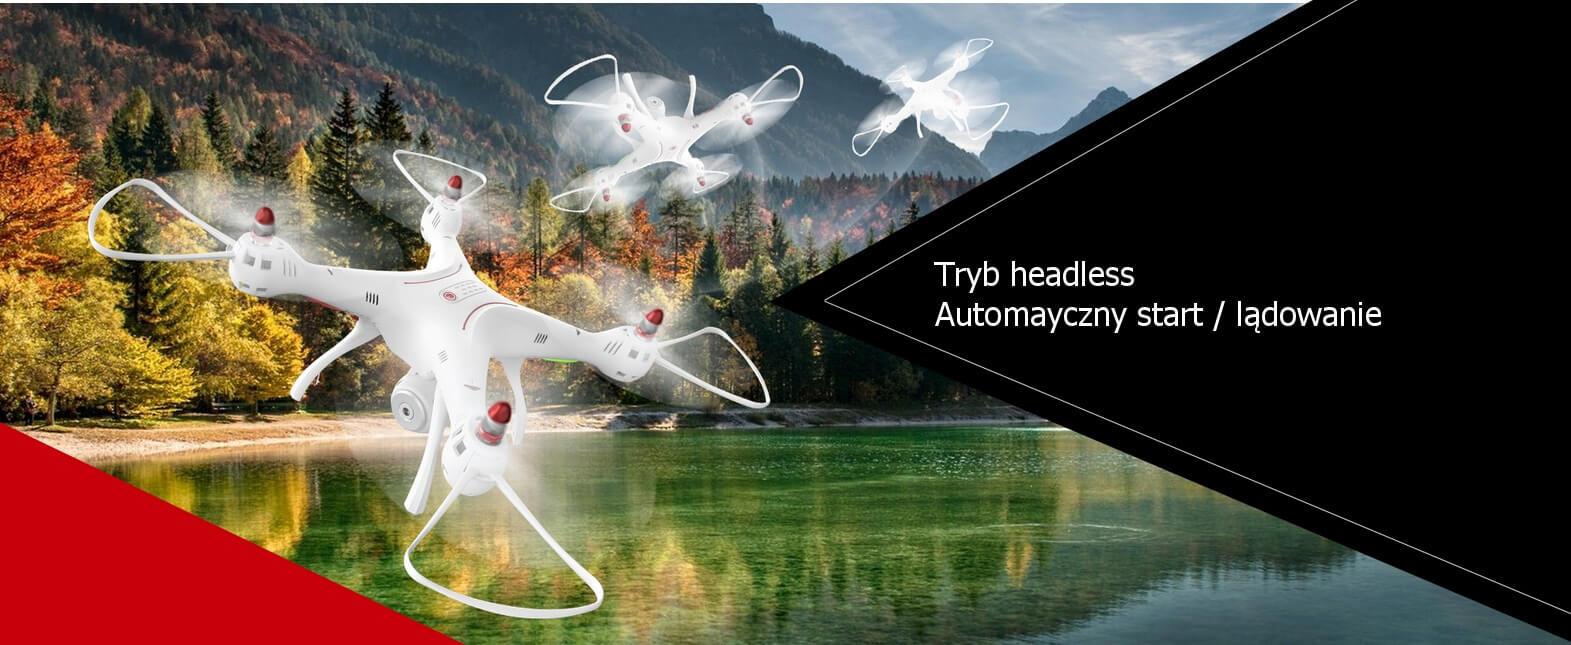 Inteligentny lot - funkcja Headless